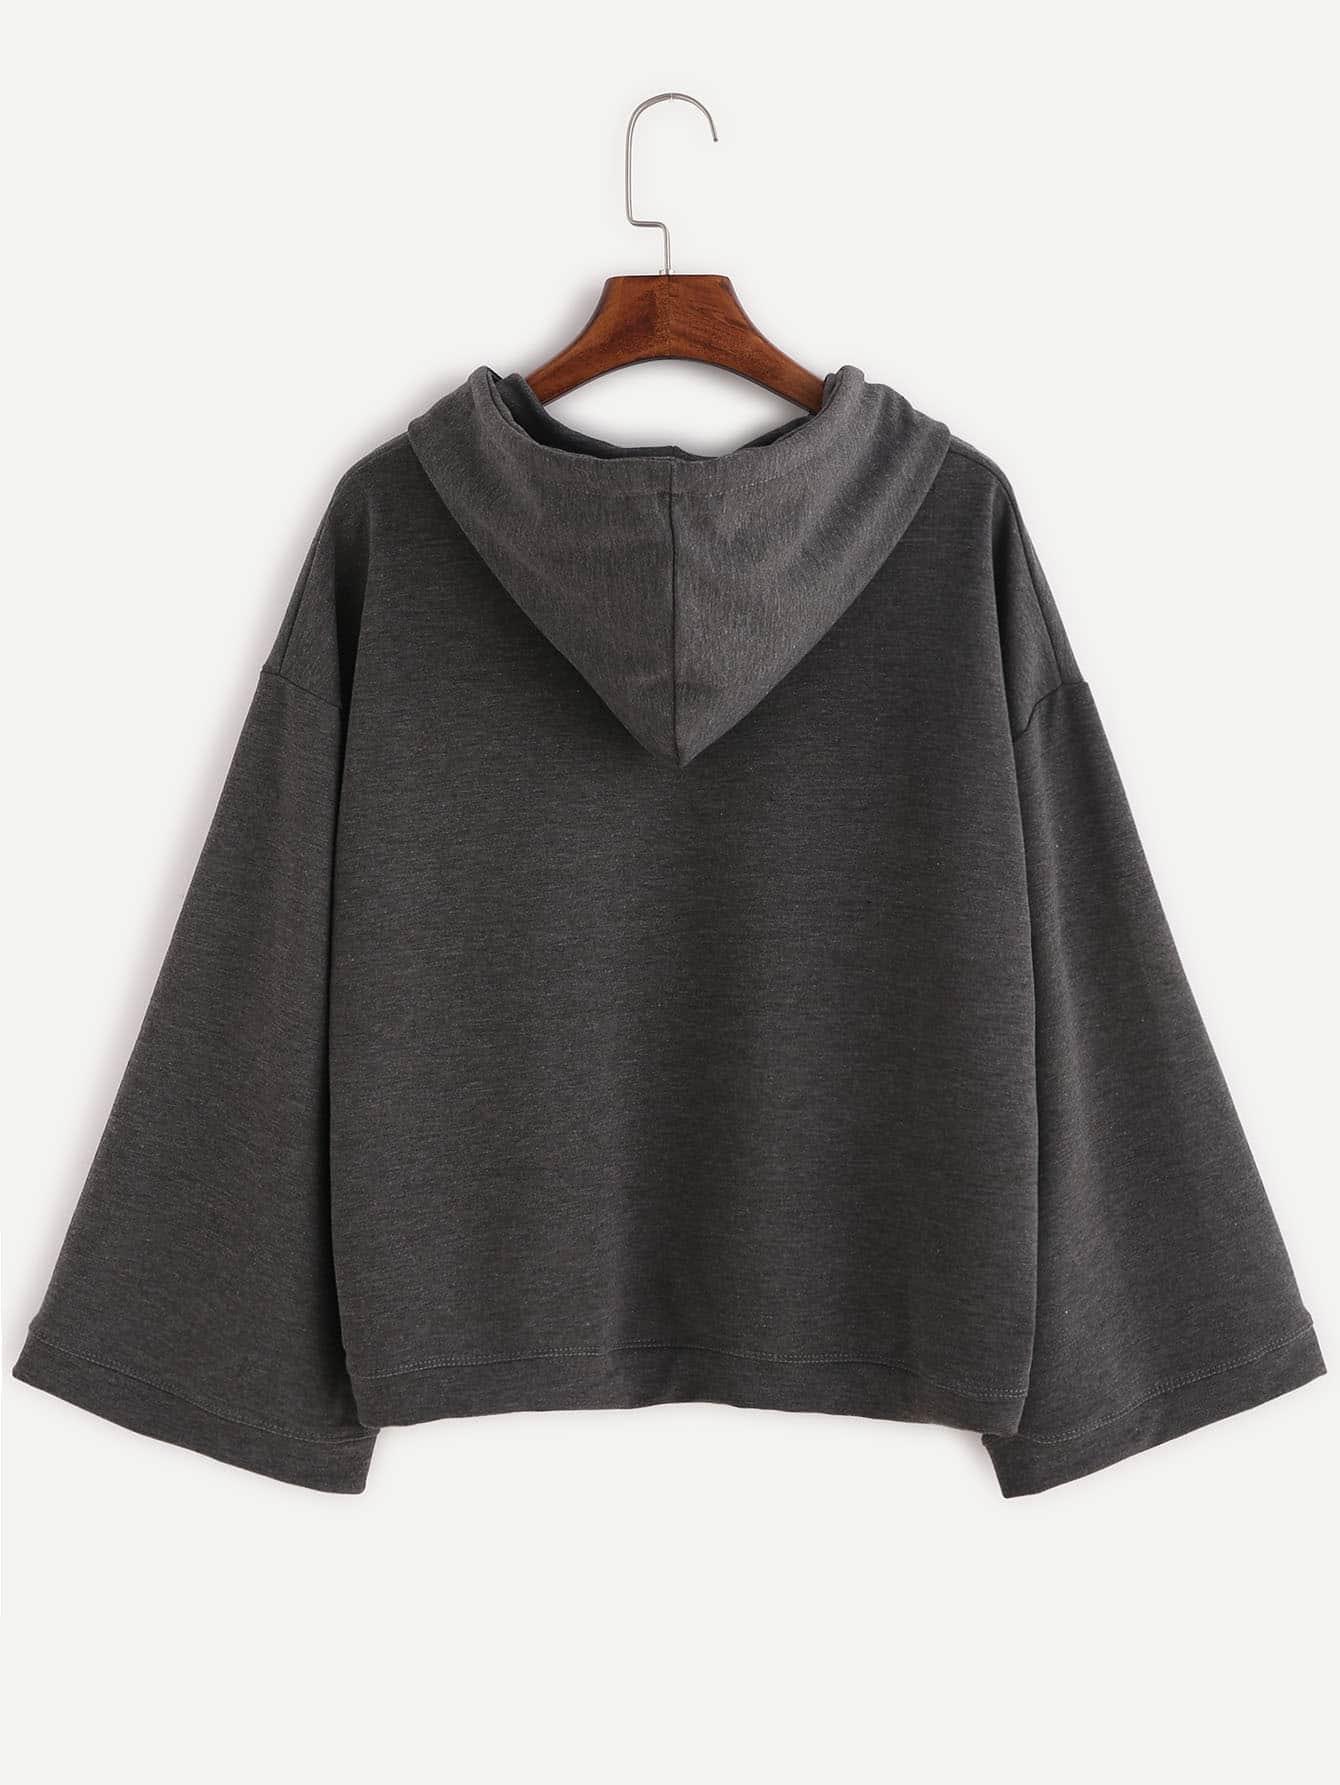 sweatshirt160928002_2